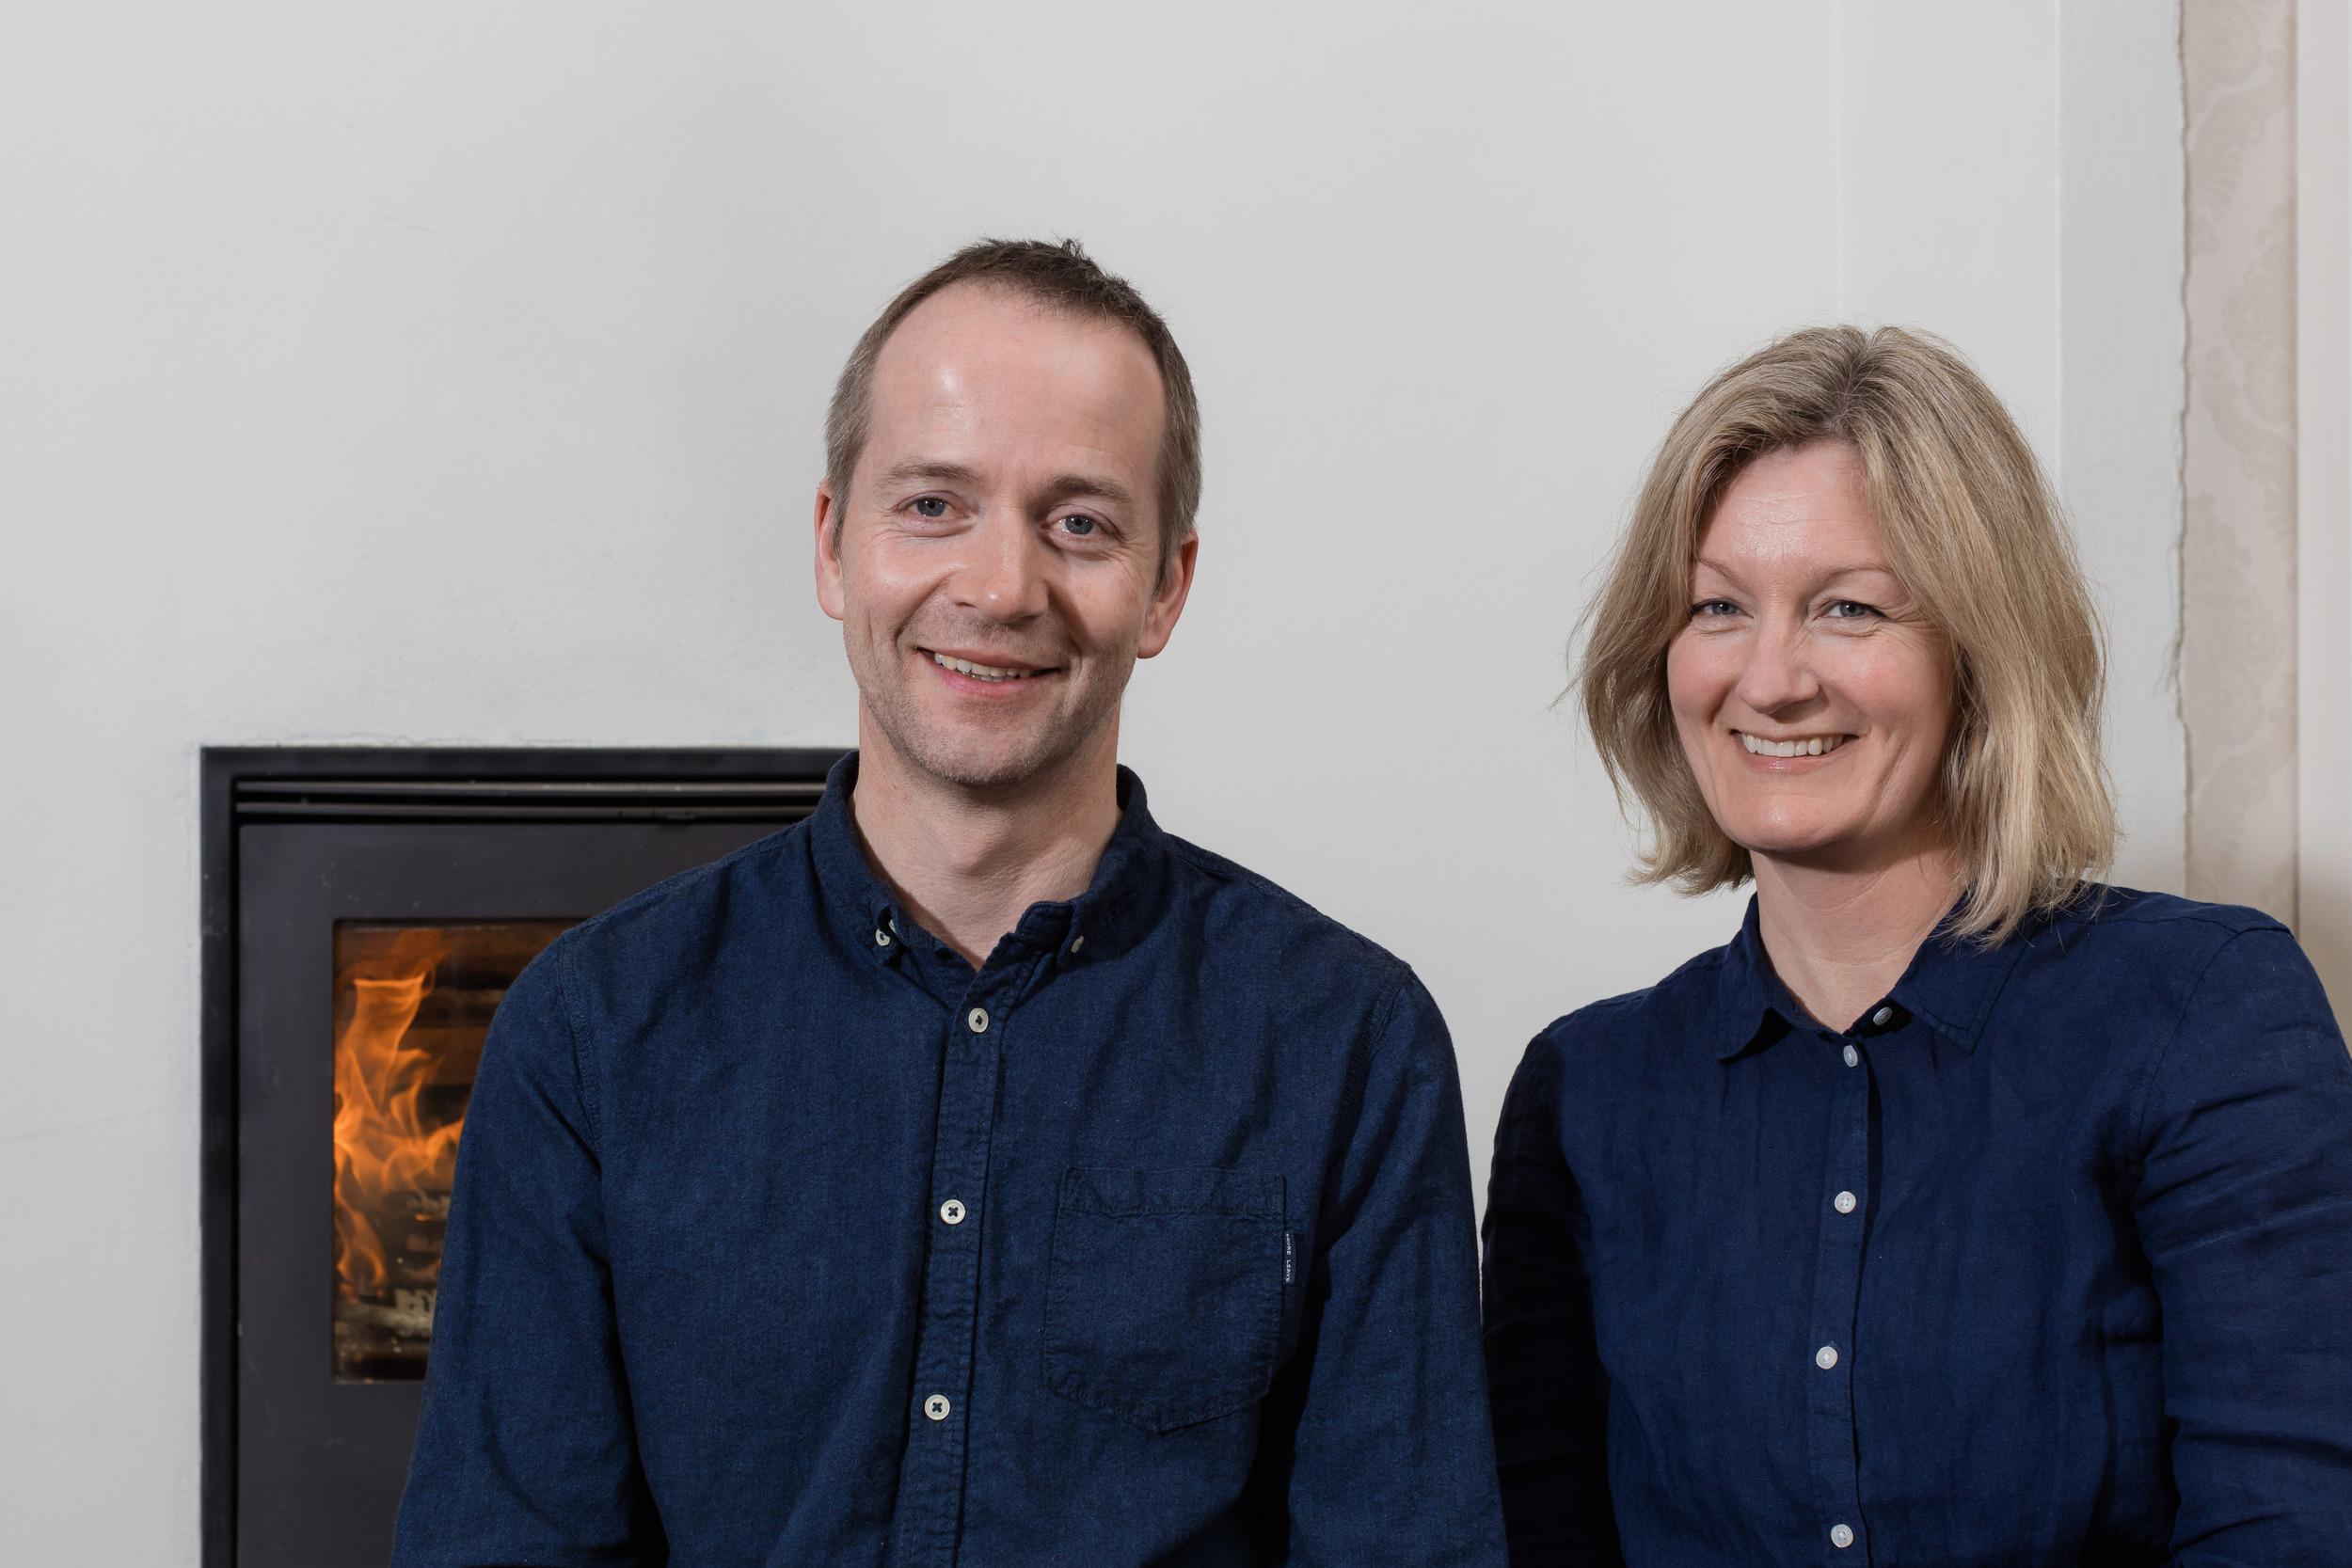 Det gode vertskap: Kristine og Frode tar deg godt i mot på Øyna.